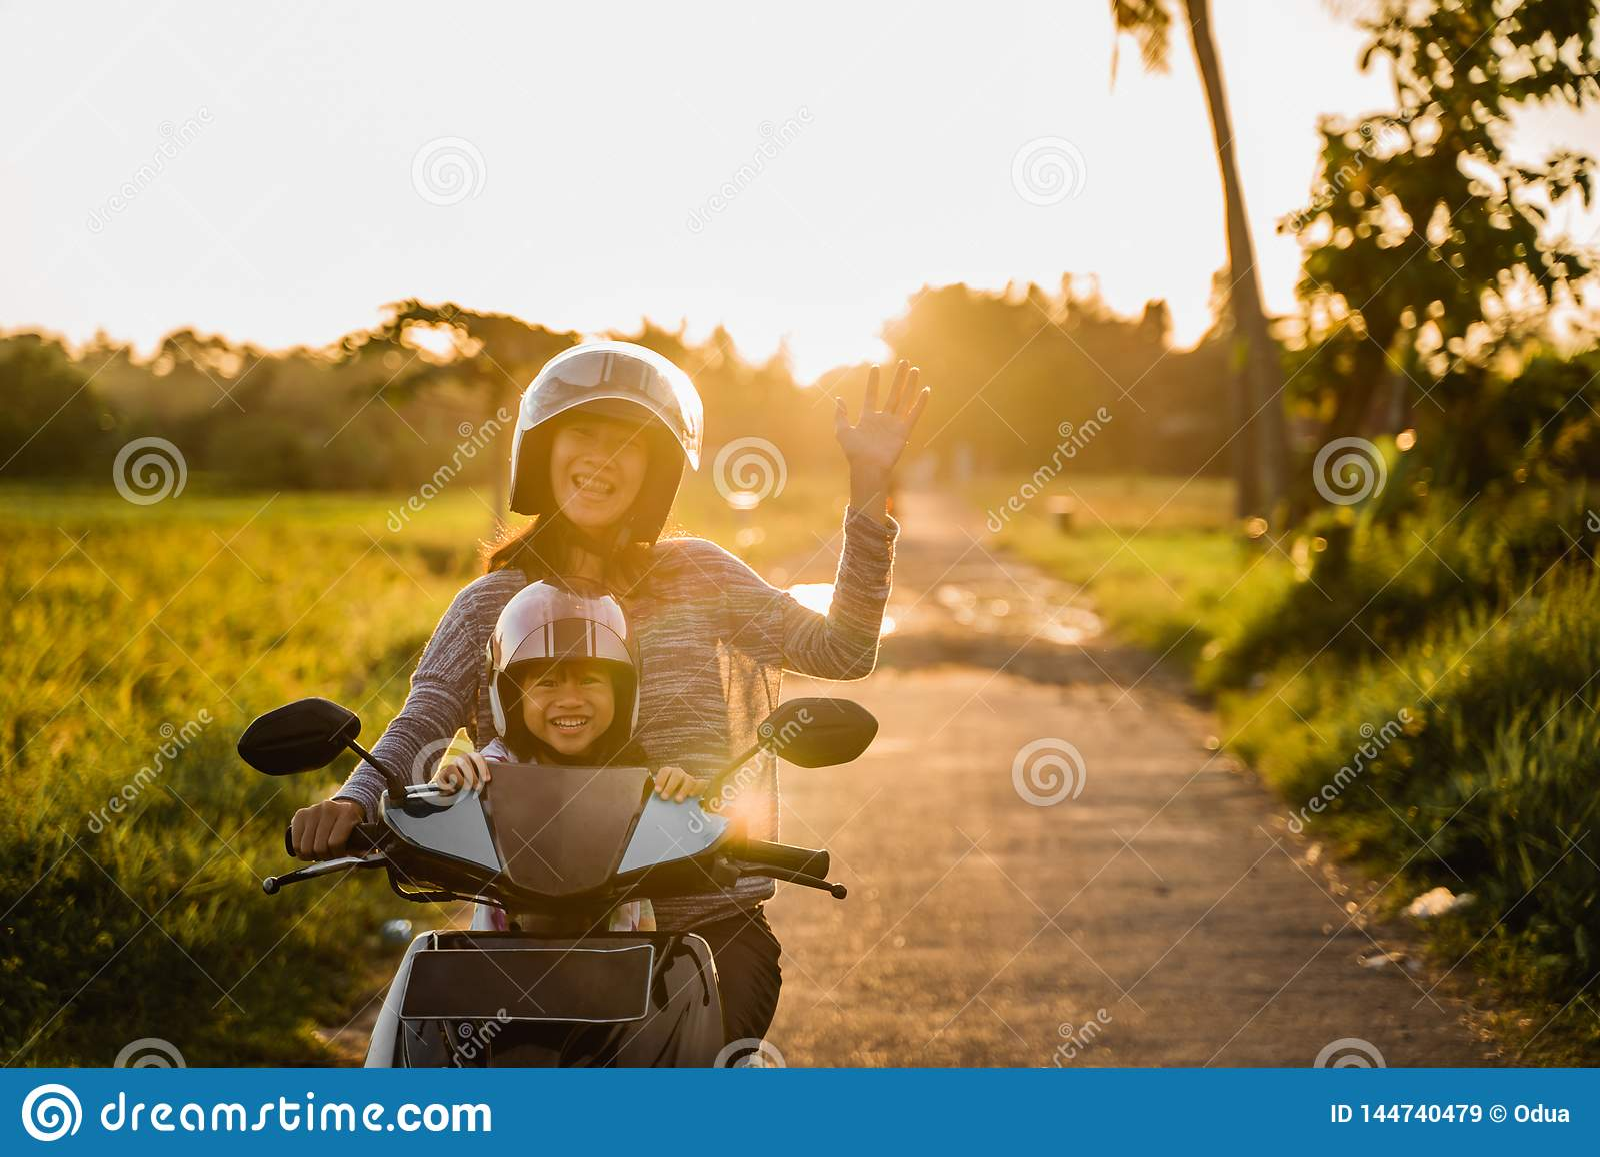 Motociclo di guida della madre con la figlia